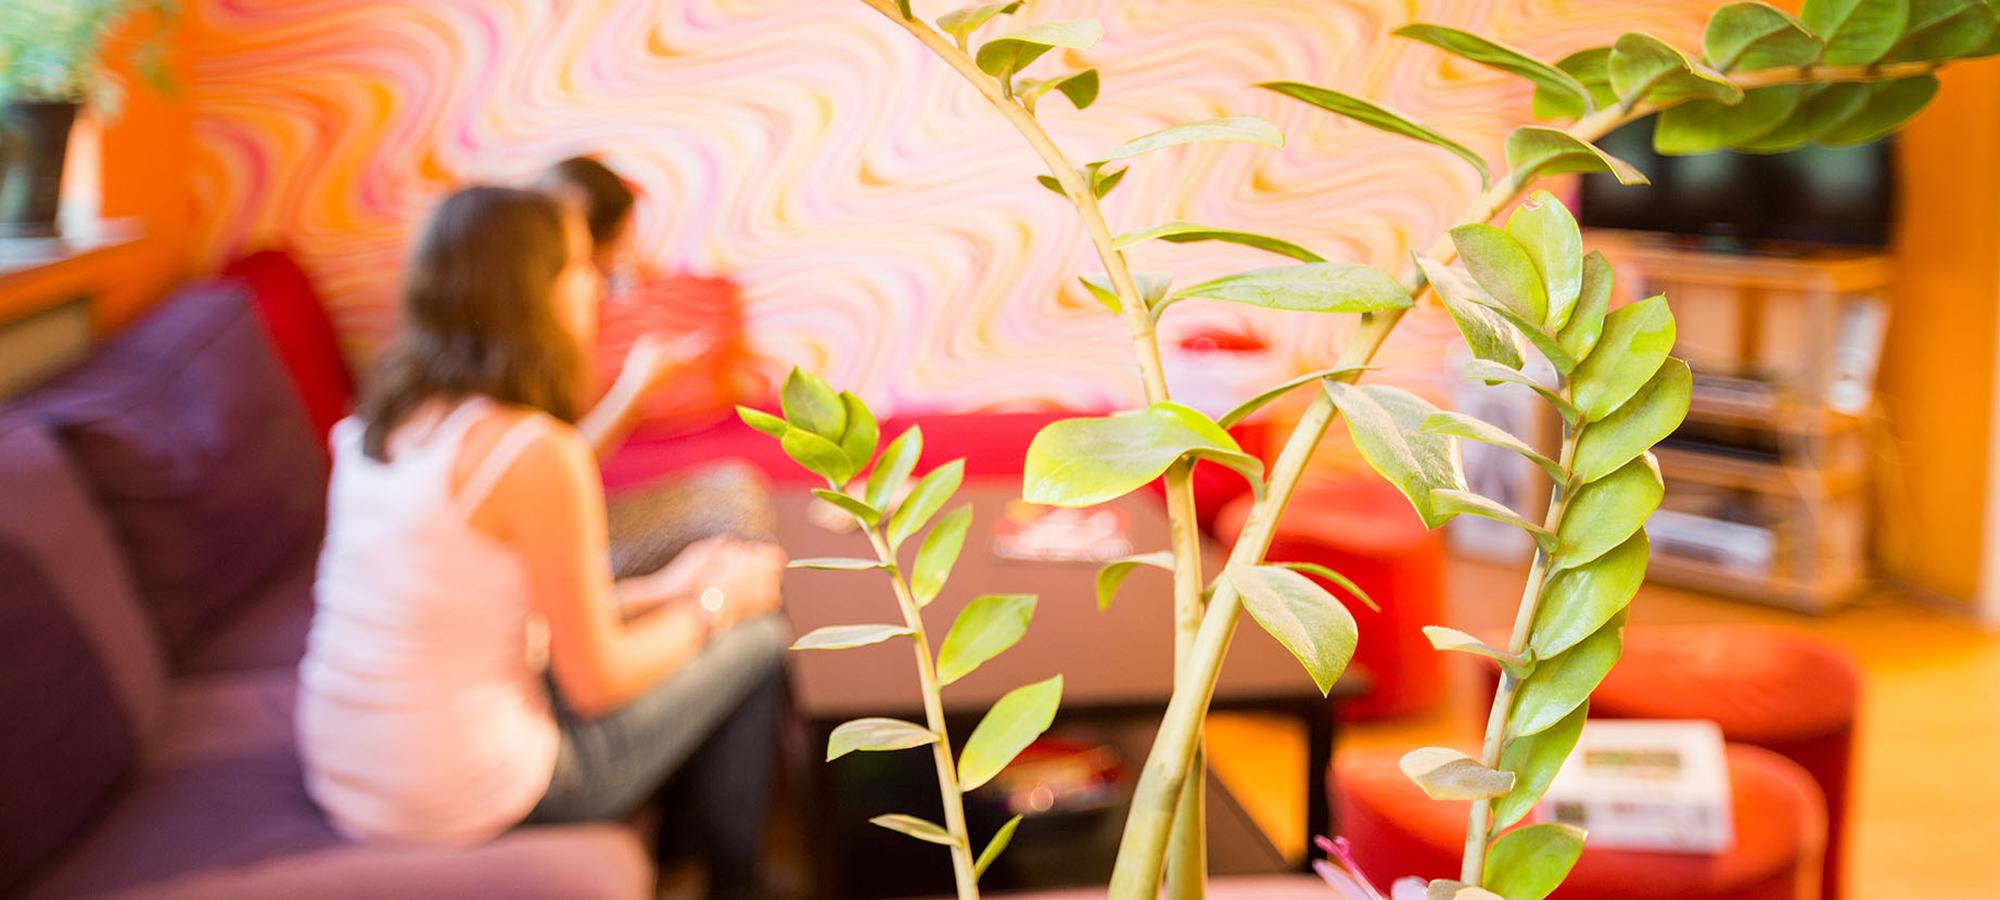 Jugendliche sitzen im Zimmer, im Fokus ist eine Pflanze